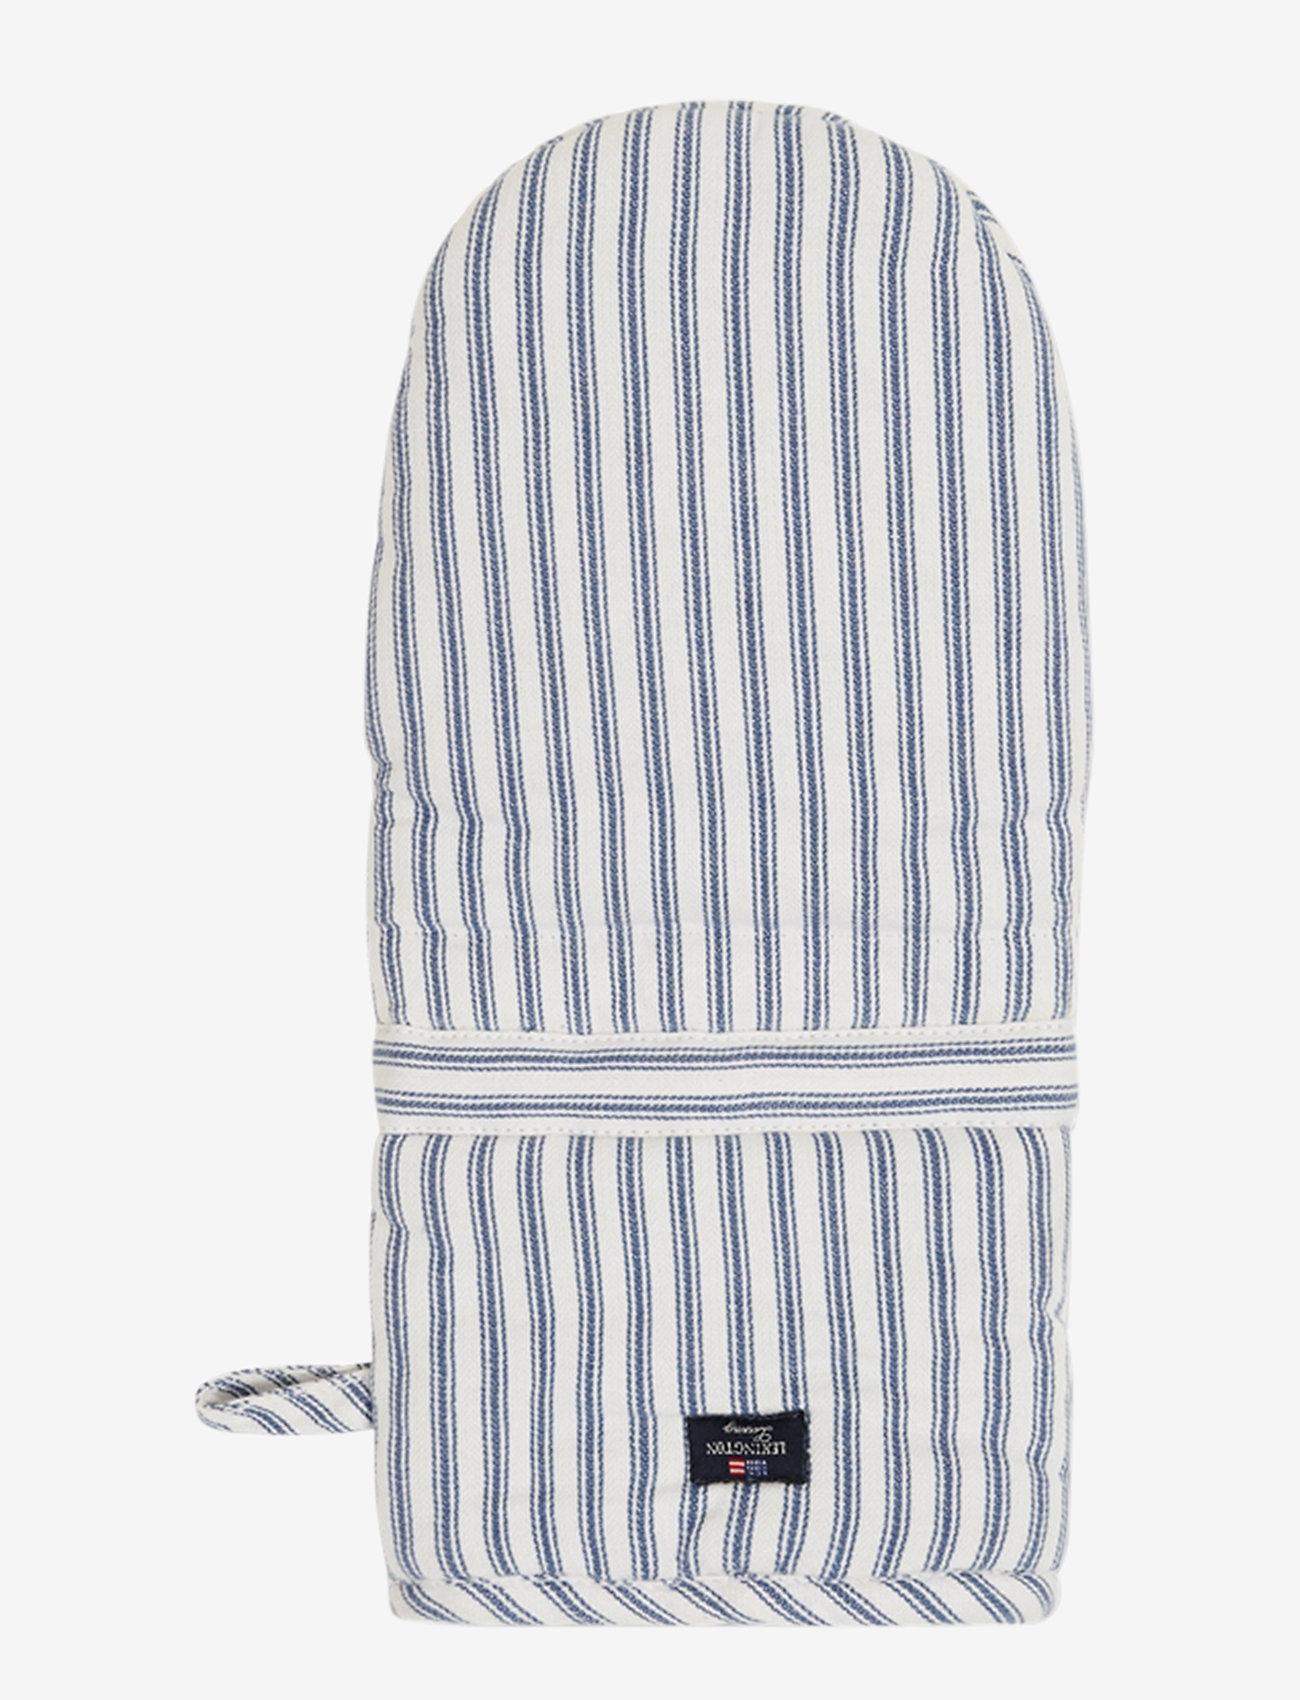 Lexington Home - Icons Cotton Herringbone Striped Mitten - mitaines de four, gants et maniques - blue/white - 0